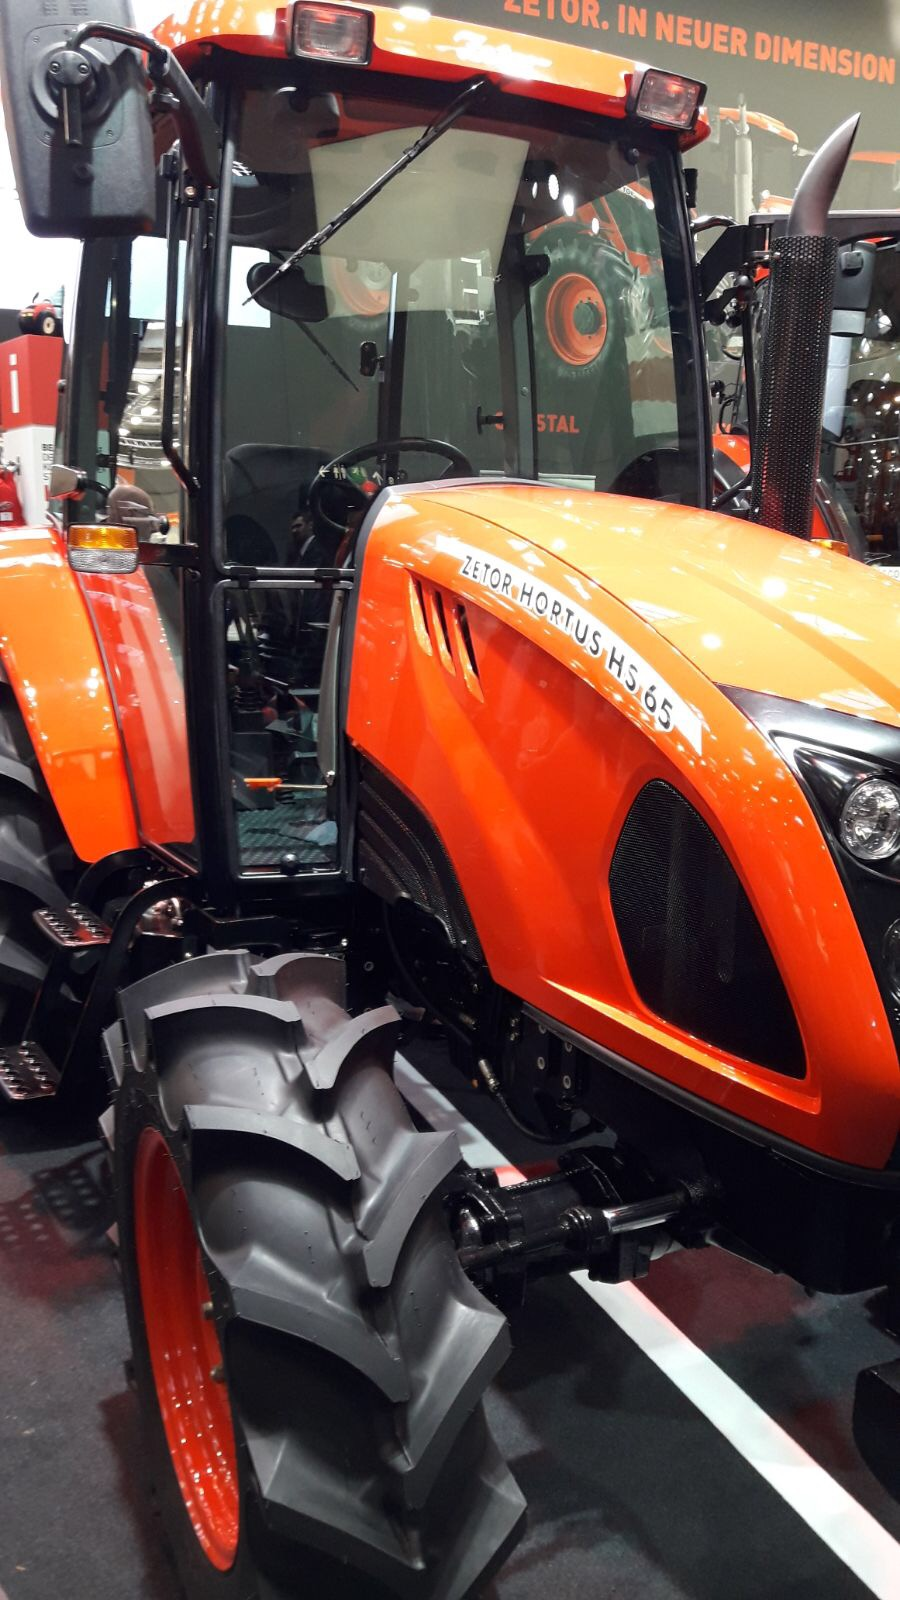 Zetor lance deux nouveaux tracteurs de co-fabrication coréenne